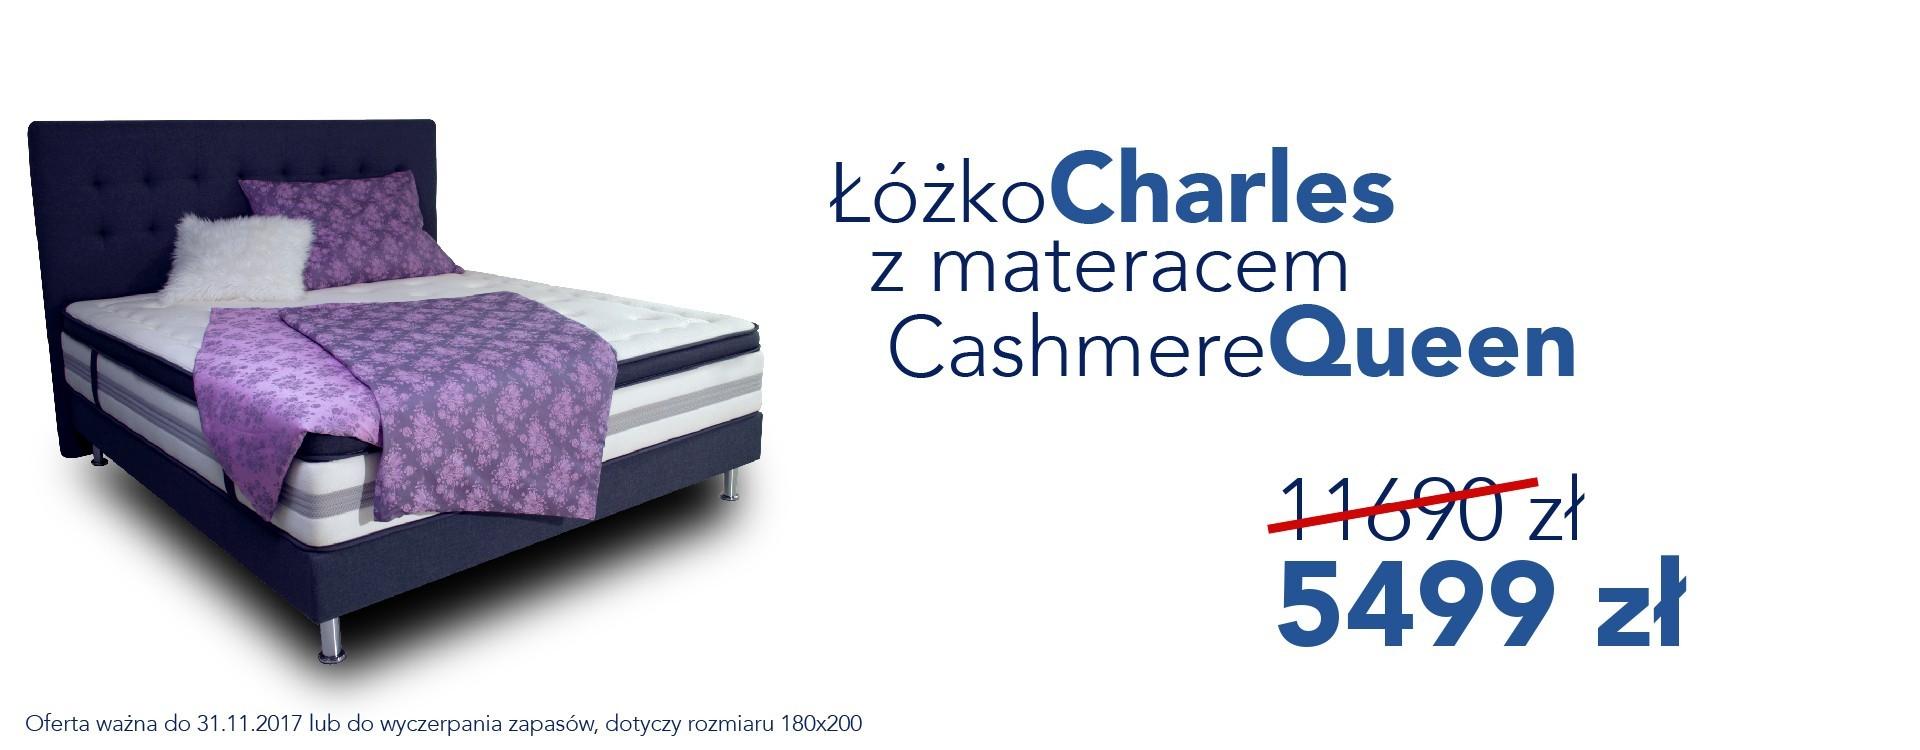 Łóżko Charles